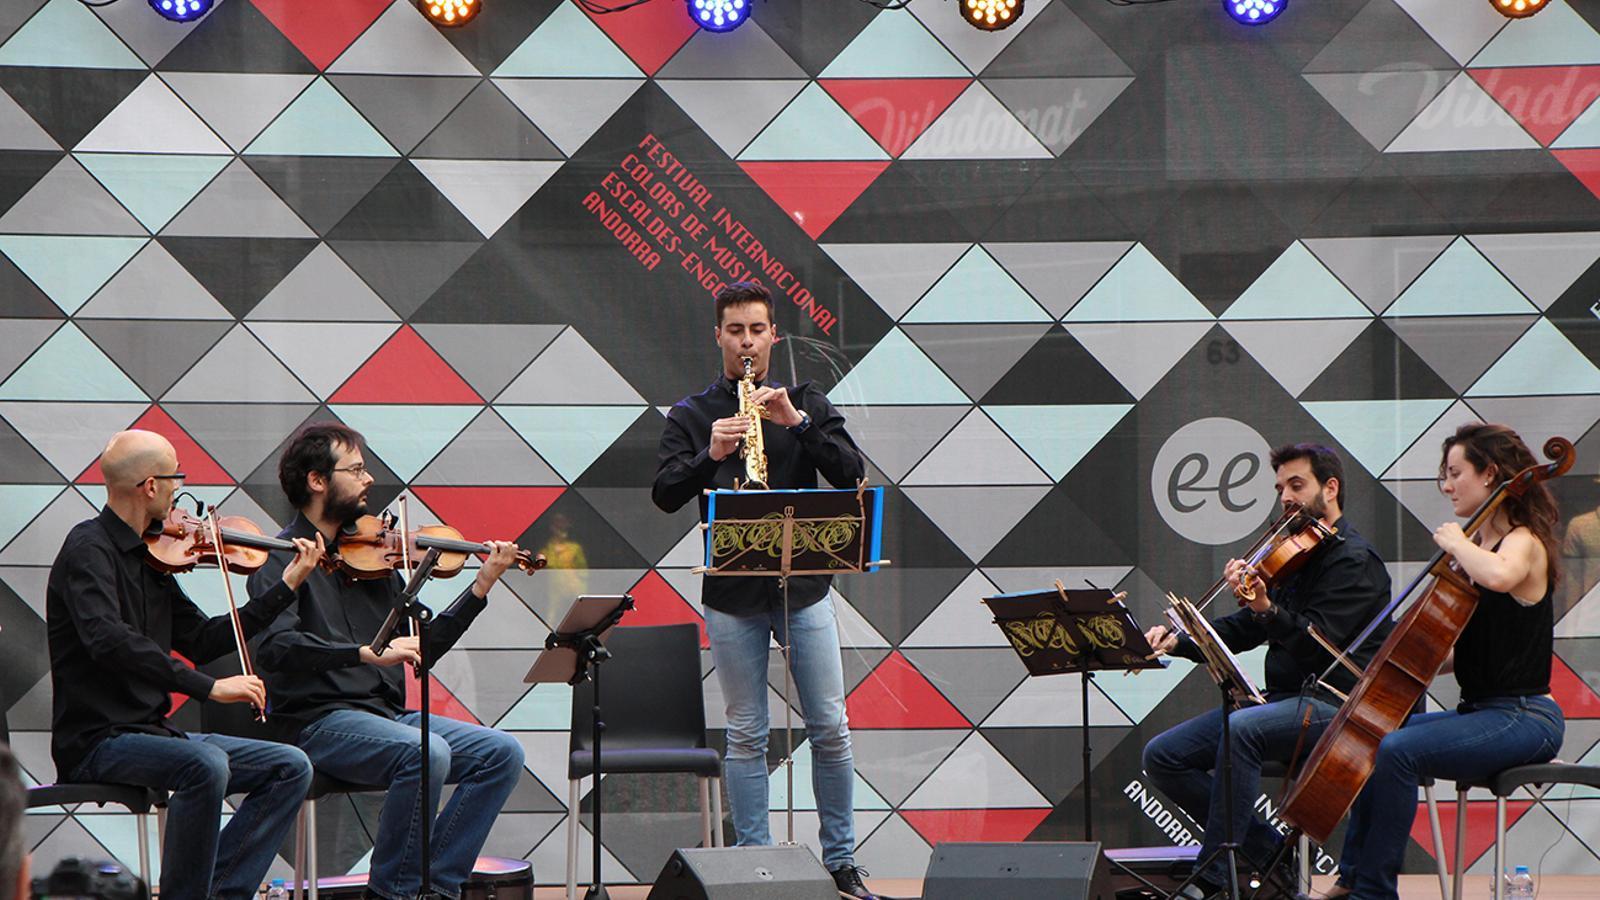 El quartet de l'ONCA i el saxofonista Jesús Reneses Quintero interpetant 'Hivern' d'Antonio Vivaldi. / P. R.